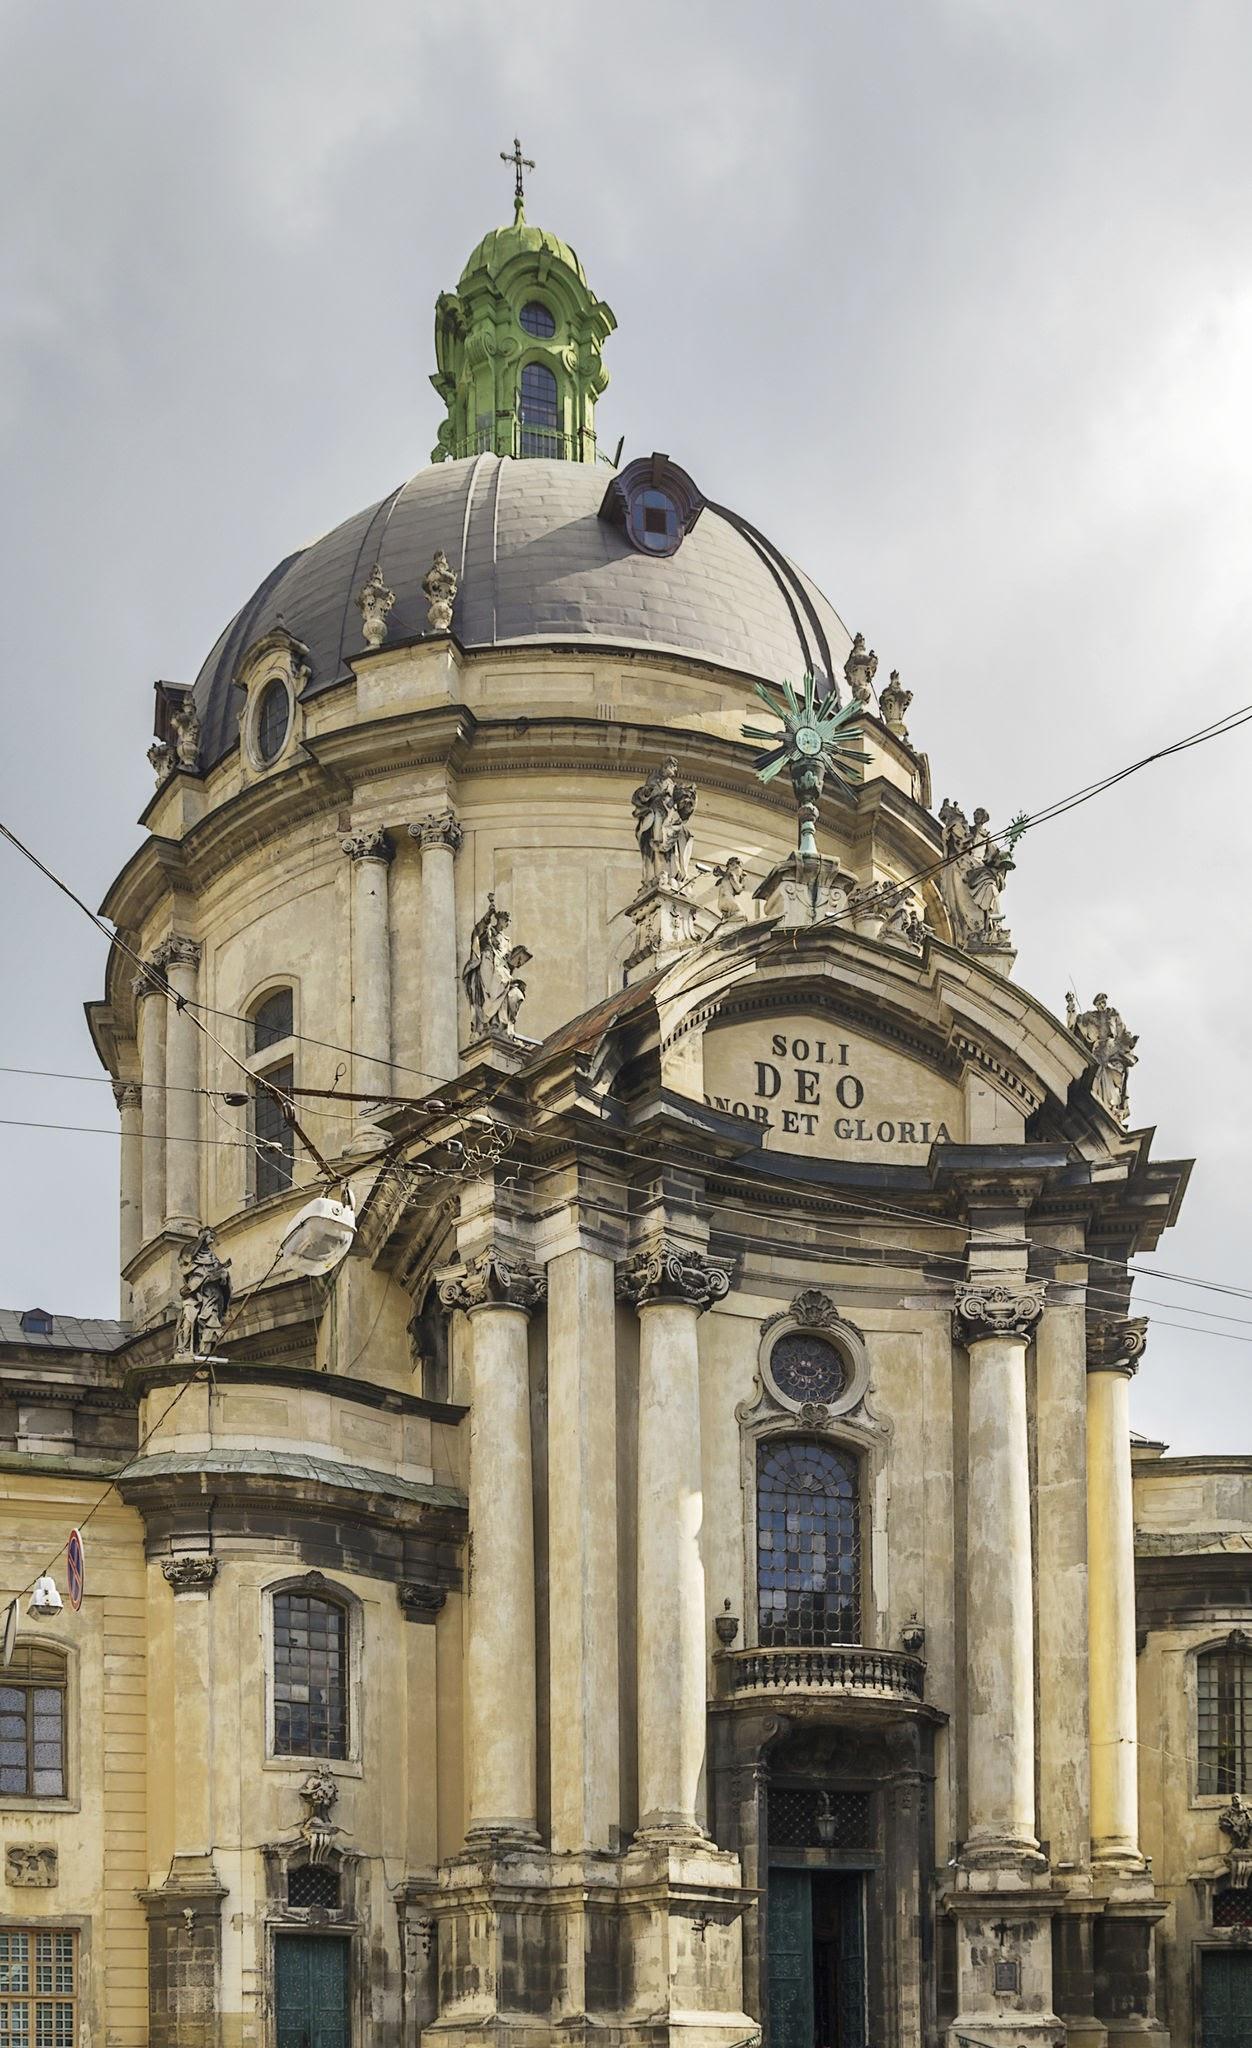 Домініканський Собор (Церква Пресвятої Євхаристії) - одна з кращих пам'яток Львова, споруджених у стилі бароко.